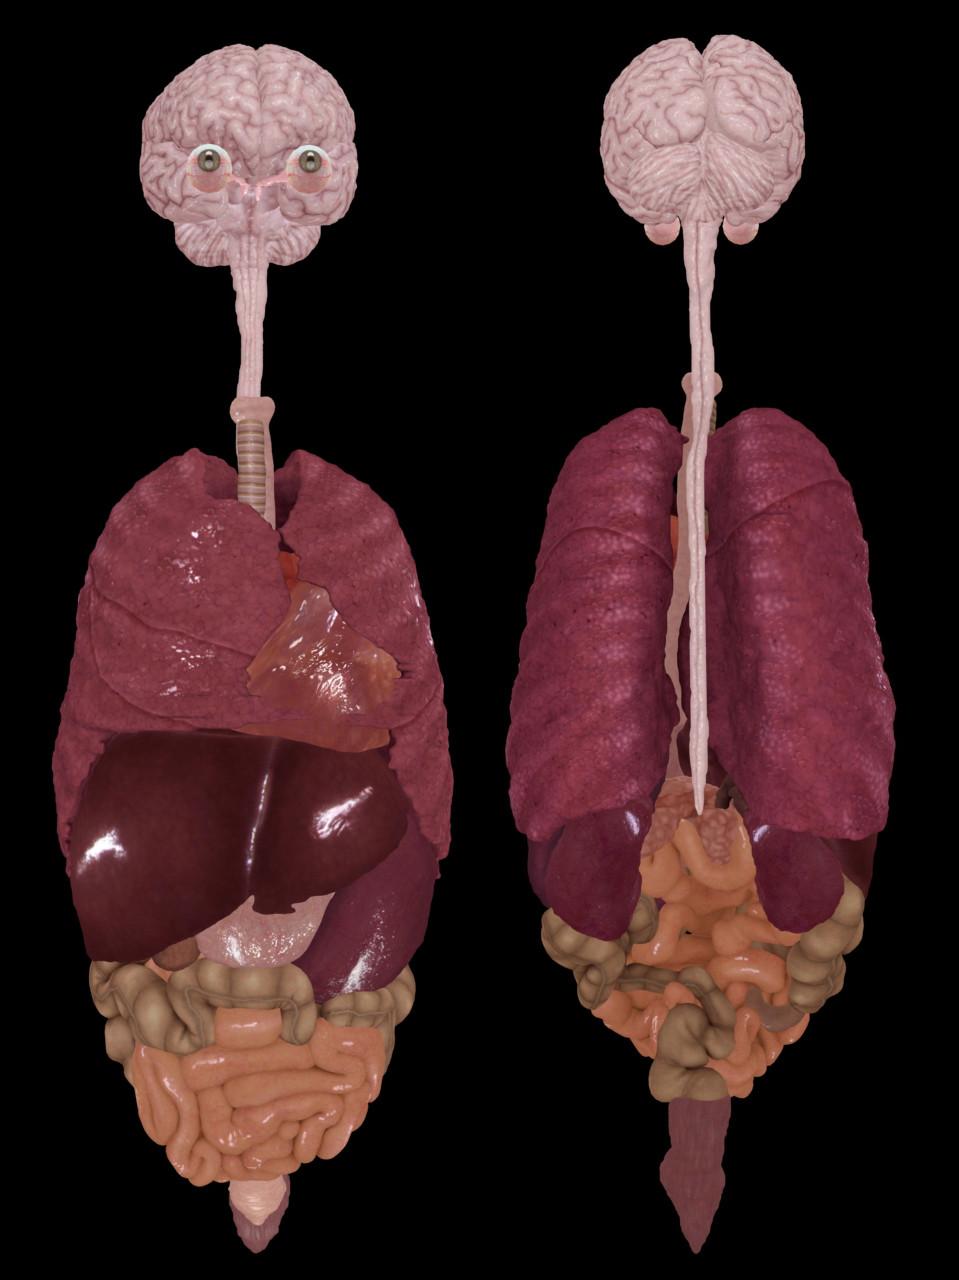 Ken calvert vk organs